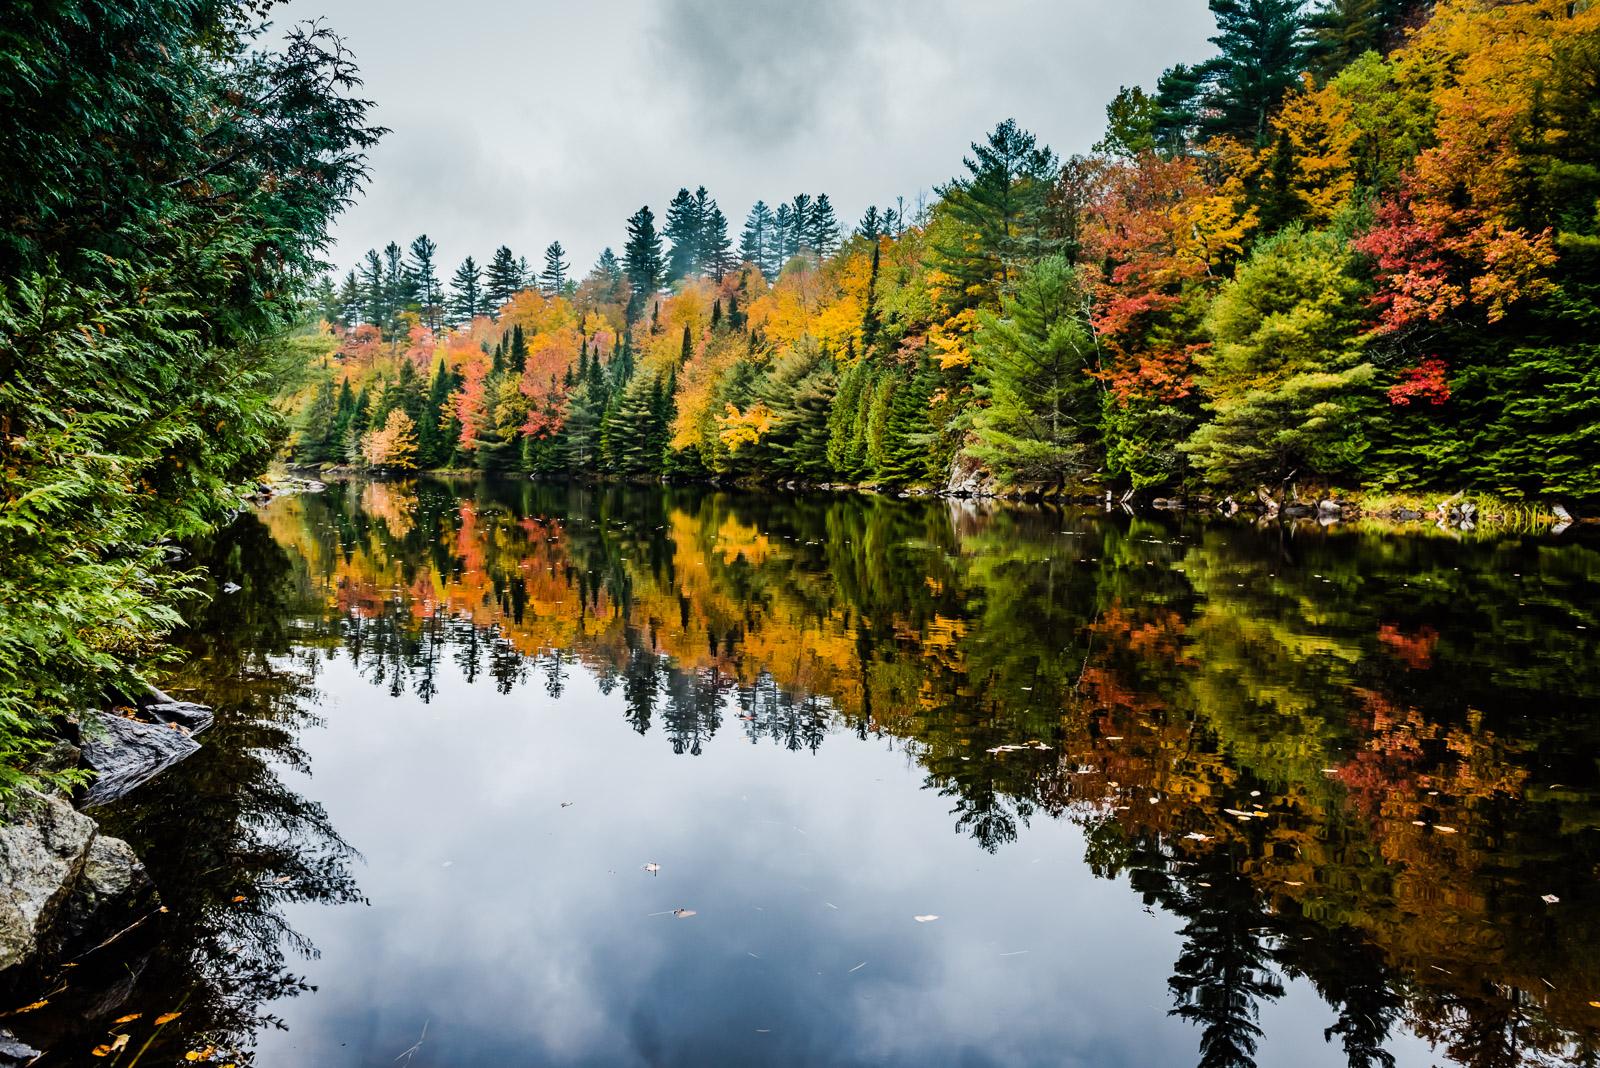 Adirondack Fall Foliage Reflection